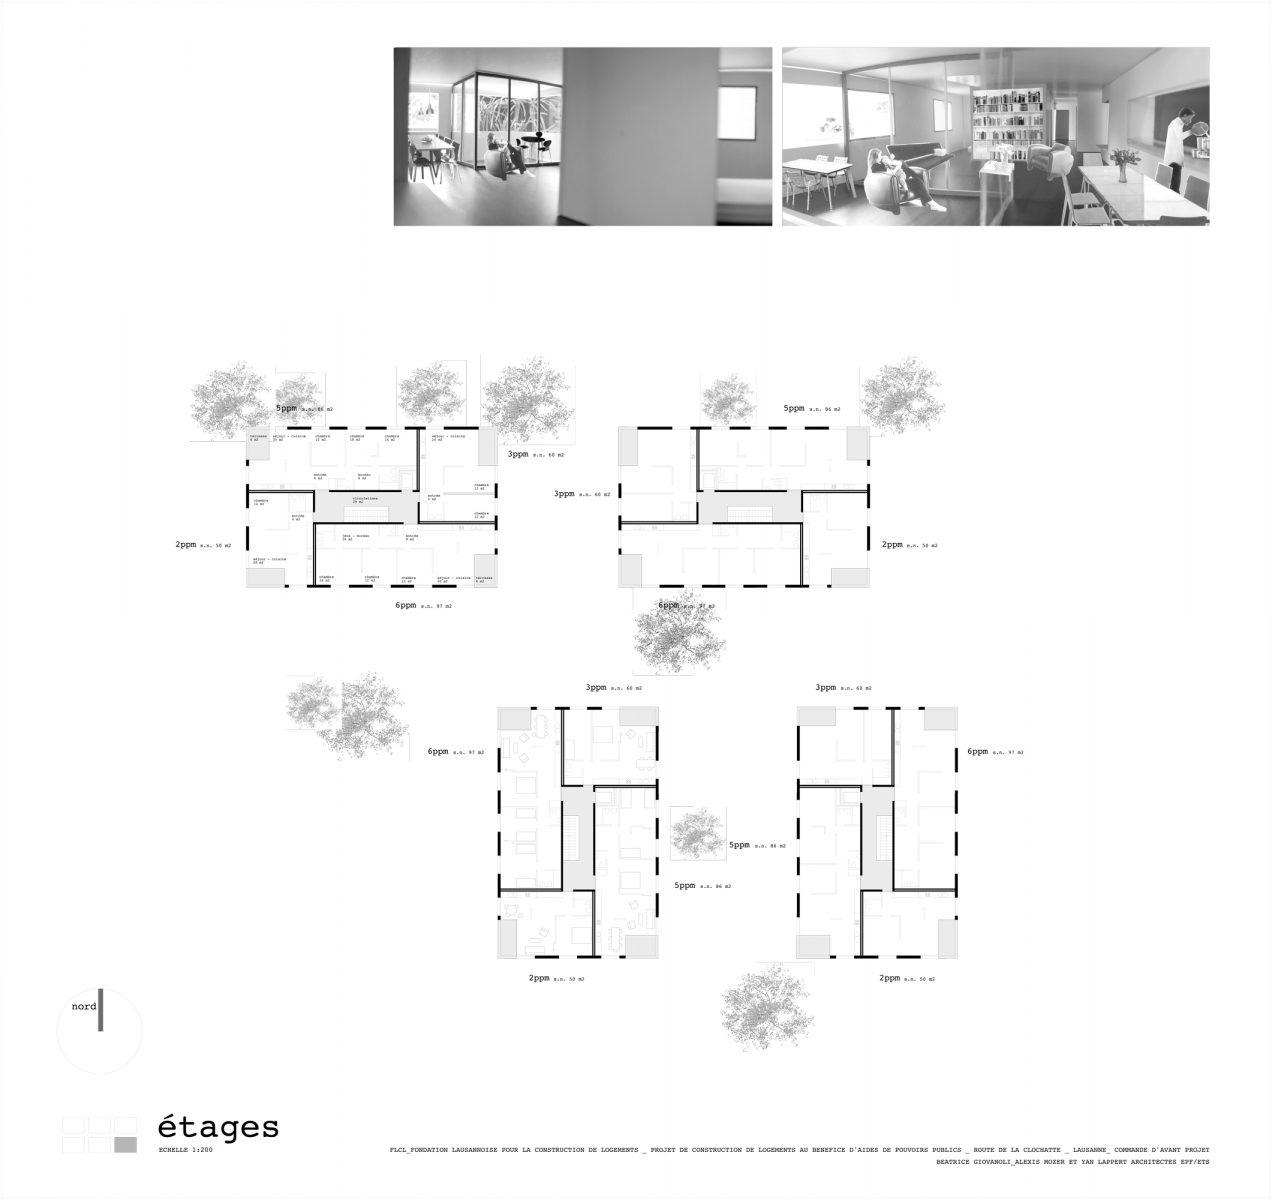 06_A1-etage_clochatte